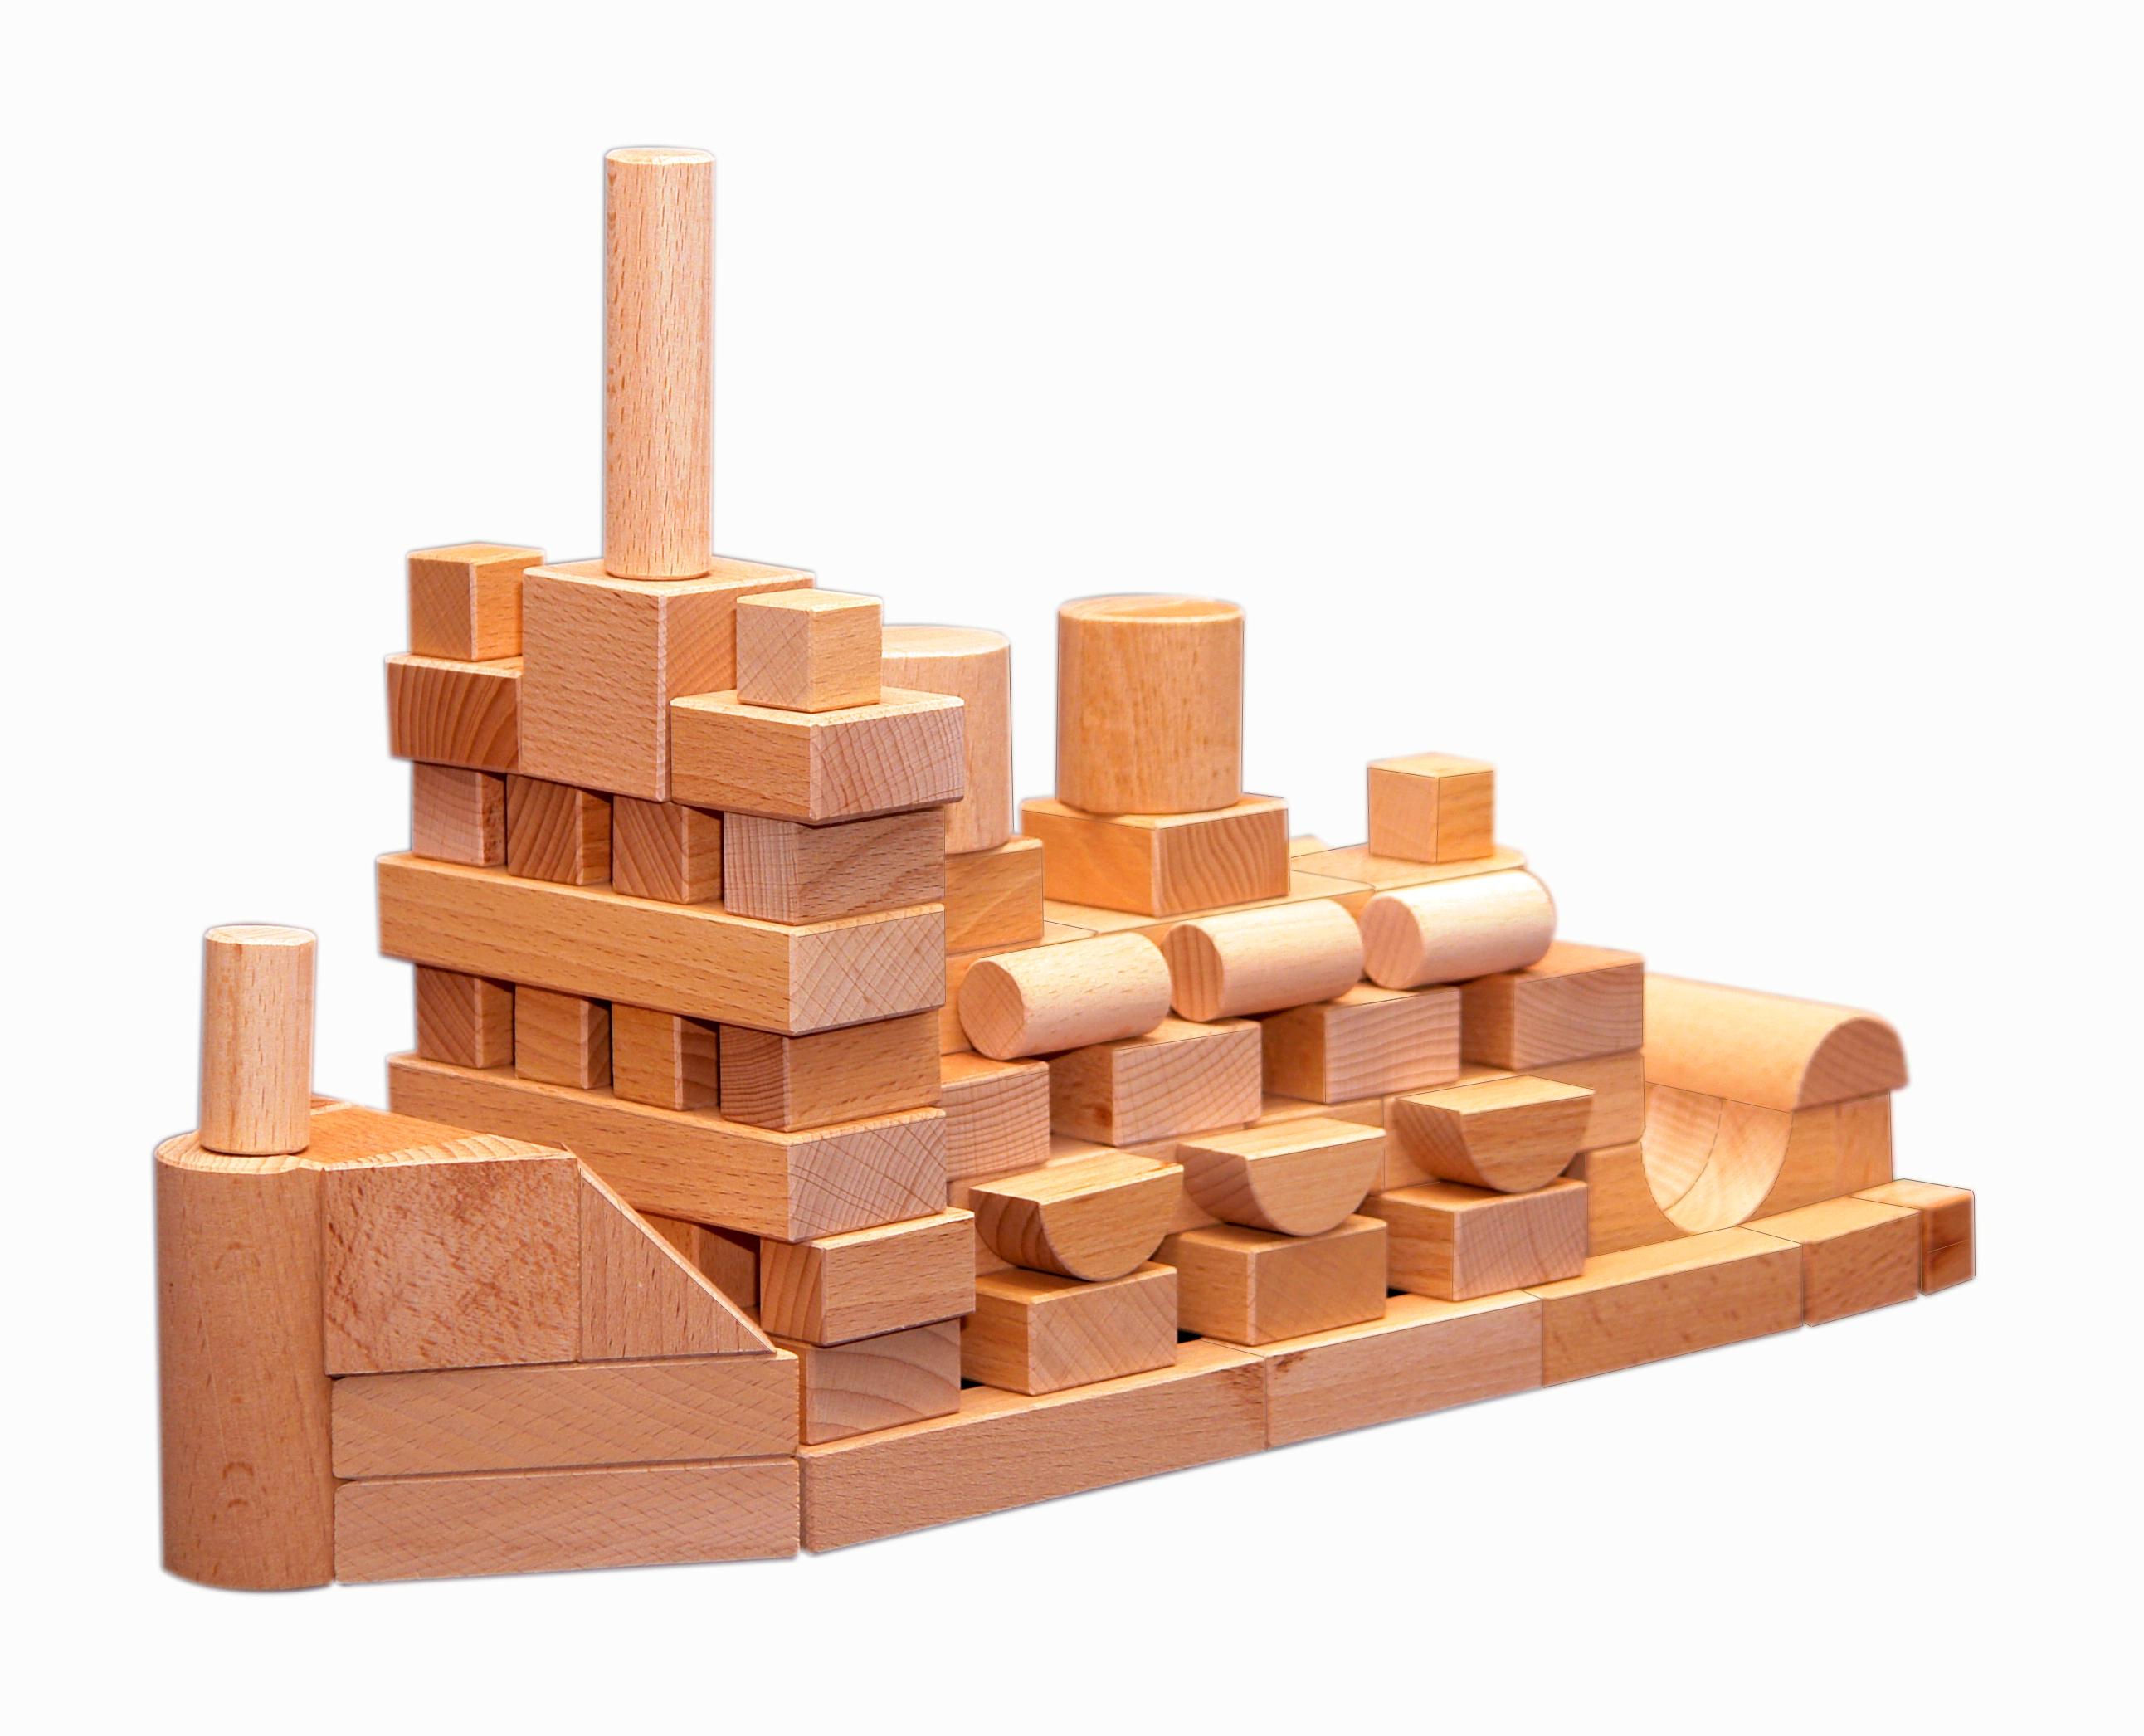 Конструктор деревнный не окрашенный по программе - Развитие, 100 деталейДеревнный конструктор<br>Конструктор деревнный не окрашенный по программе - Развитие, 100 деталей<br>